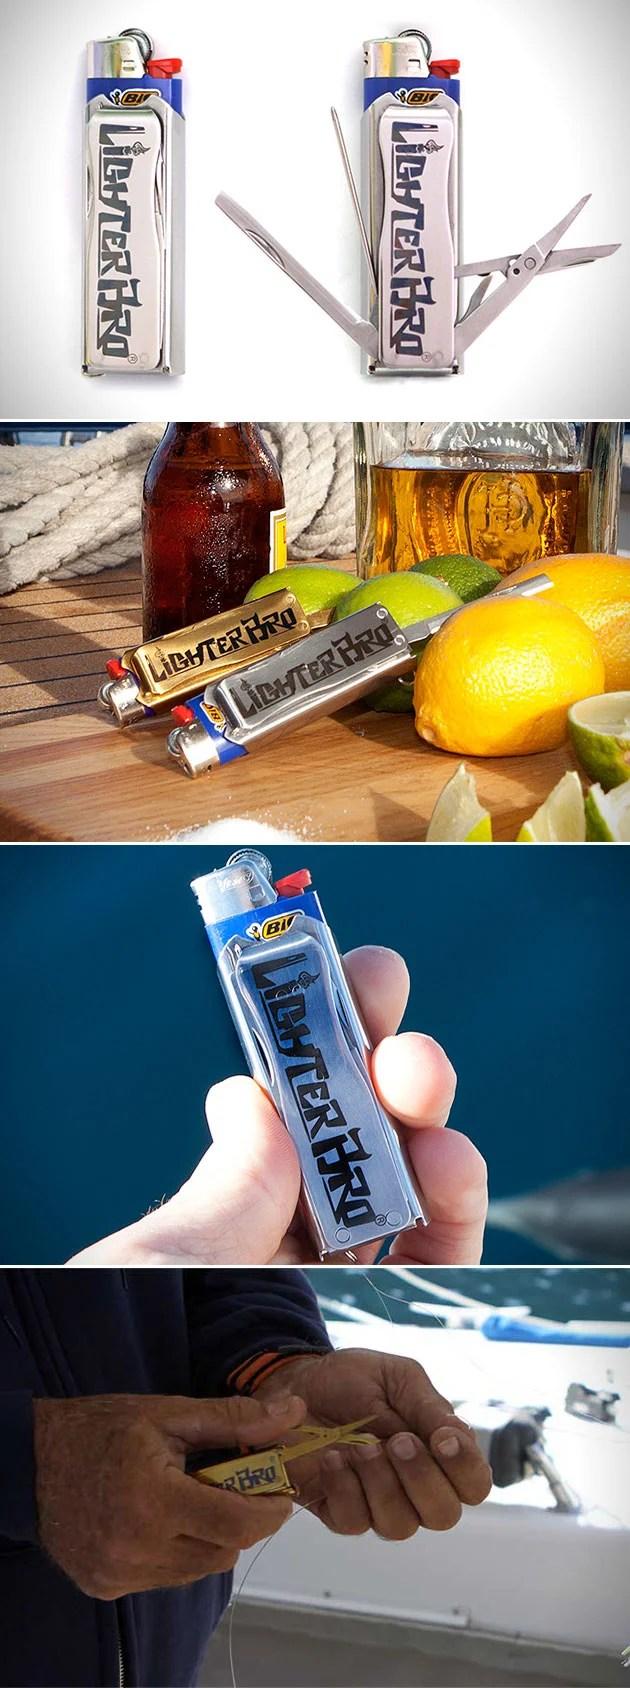 lighterbro-multi-tool